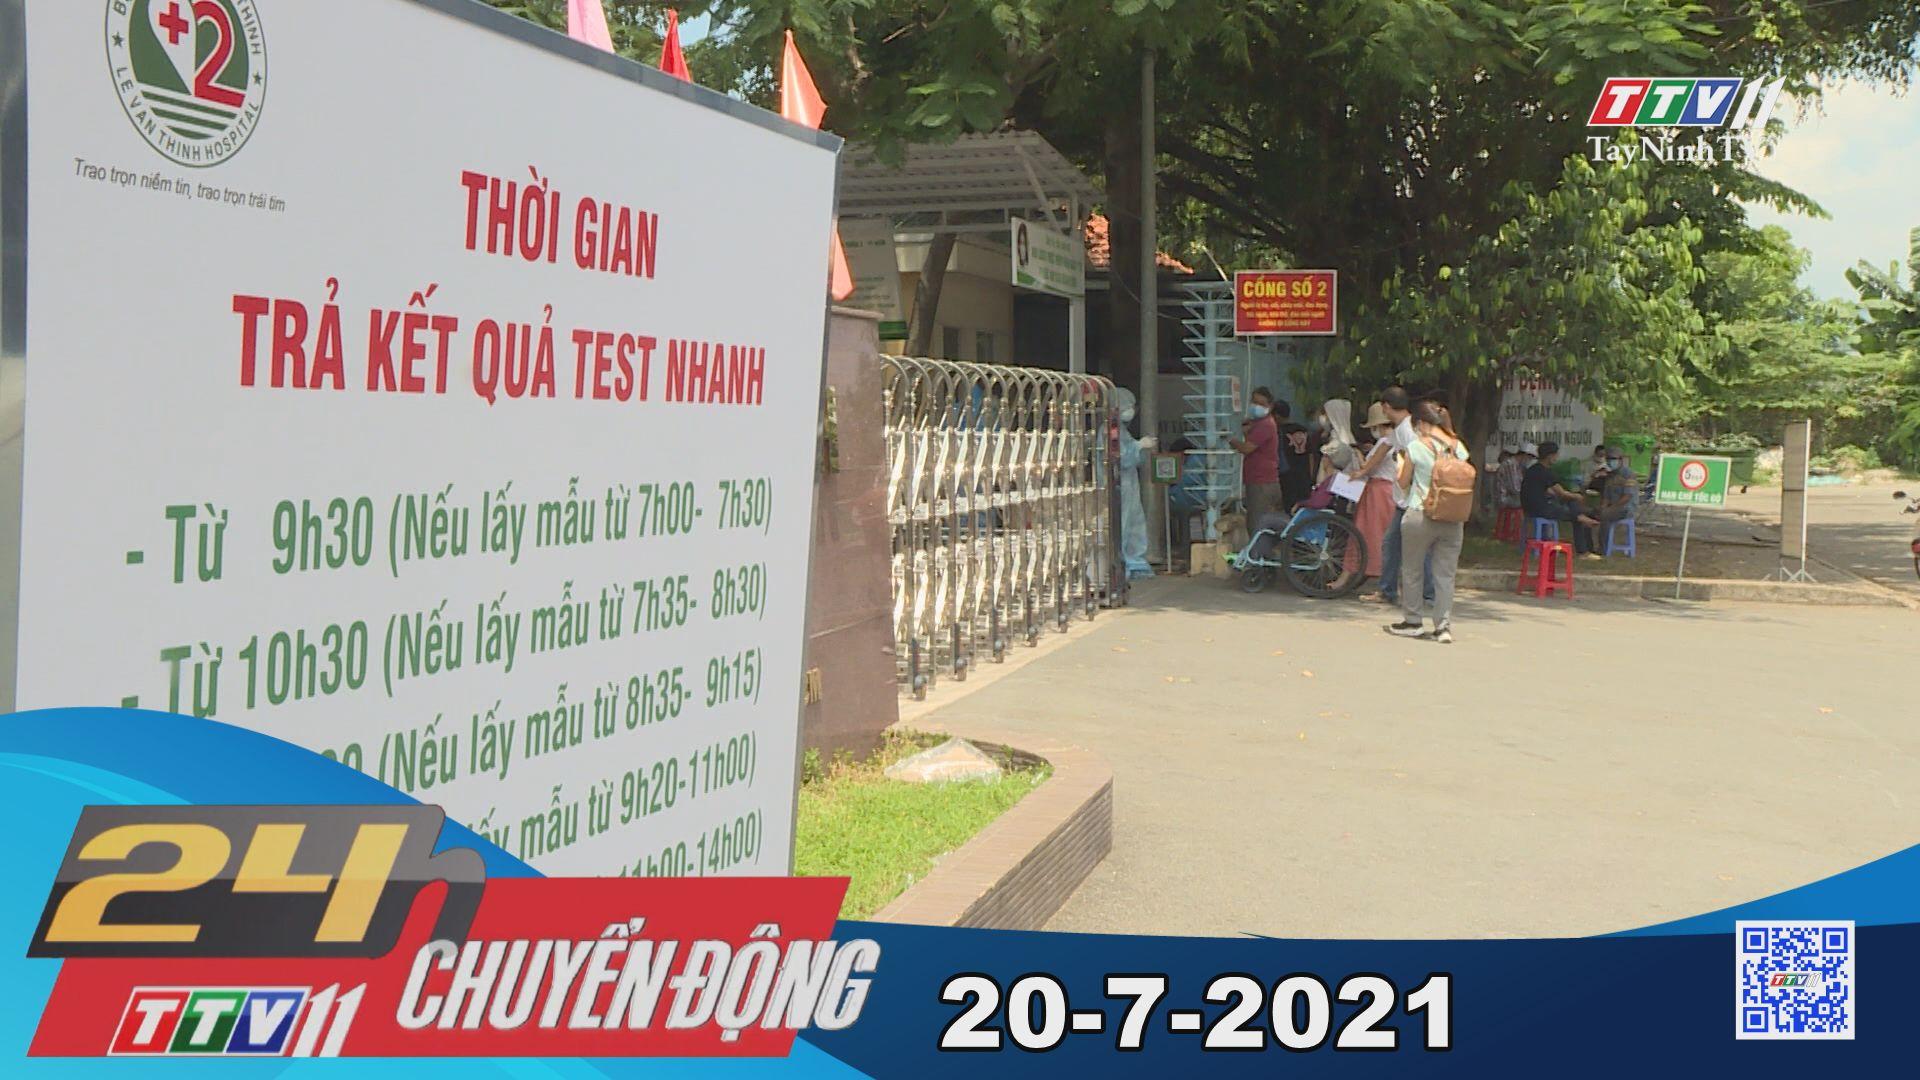 24h Chuyển động 20-7-2021 | Tin tức hôm nay | TayNinhTV